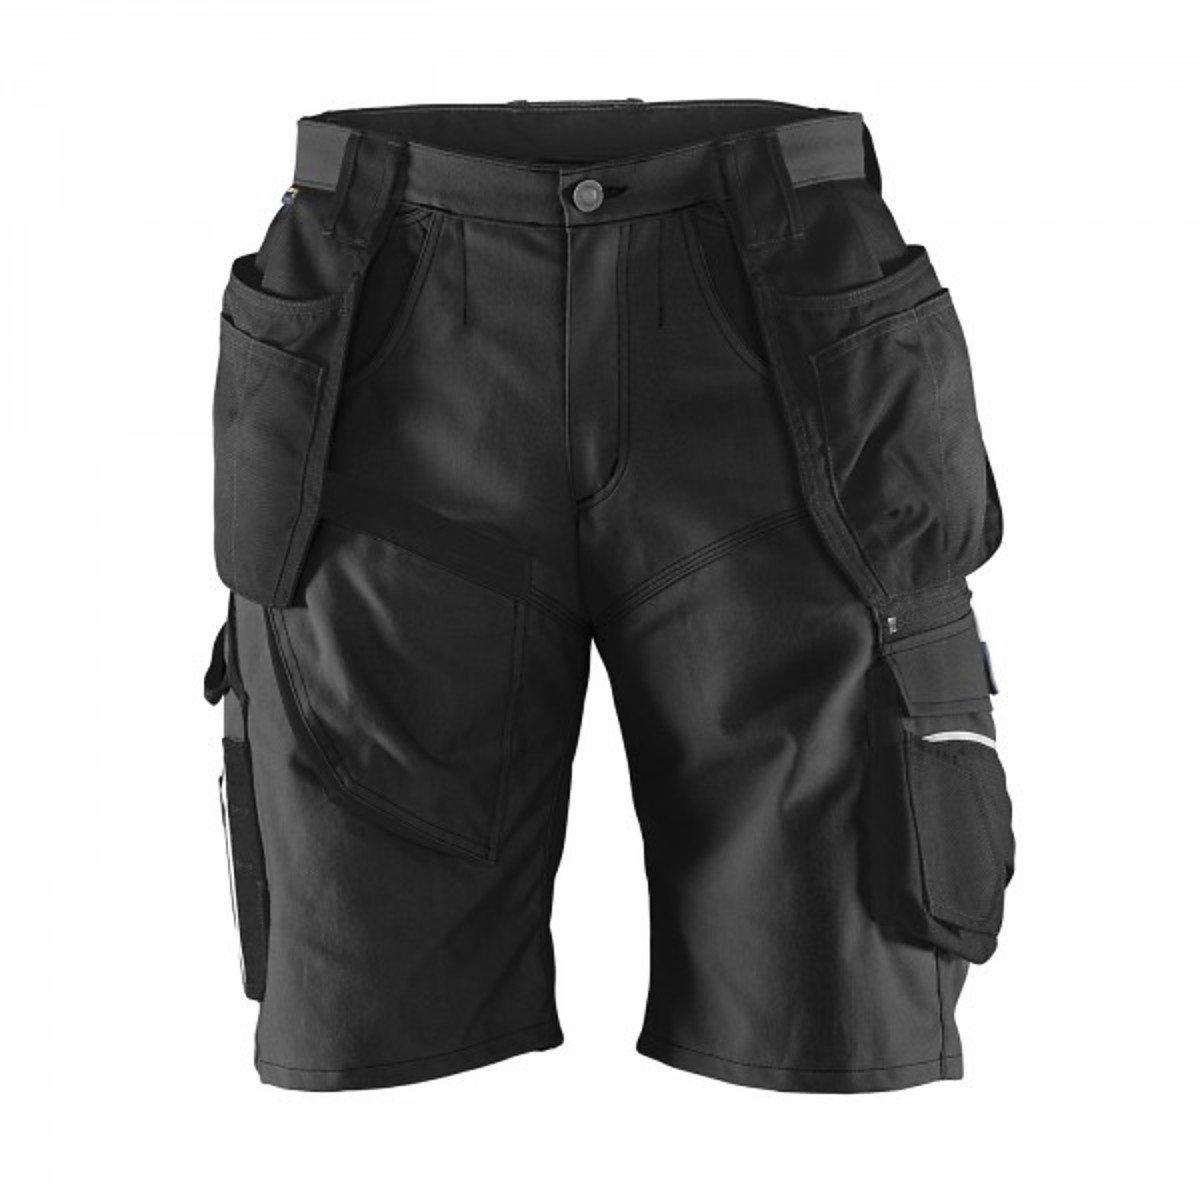 Kü bler 24519314 –  99 –  52 Pantalones Cortos practiq tamañ o, Negro, 52 Kübler 24519314-99-52